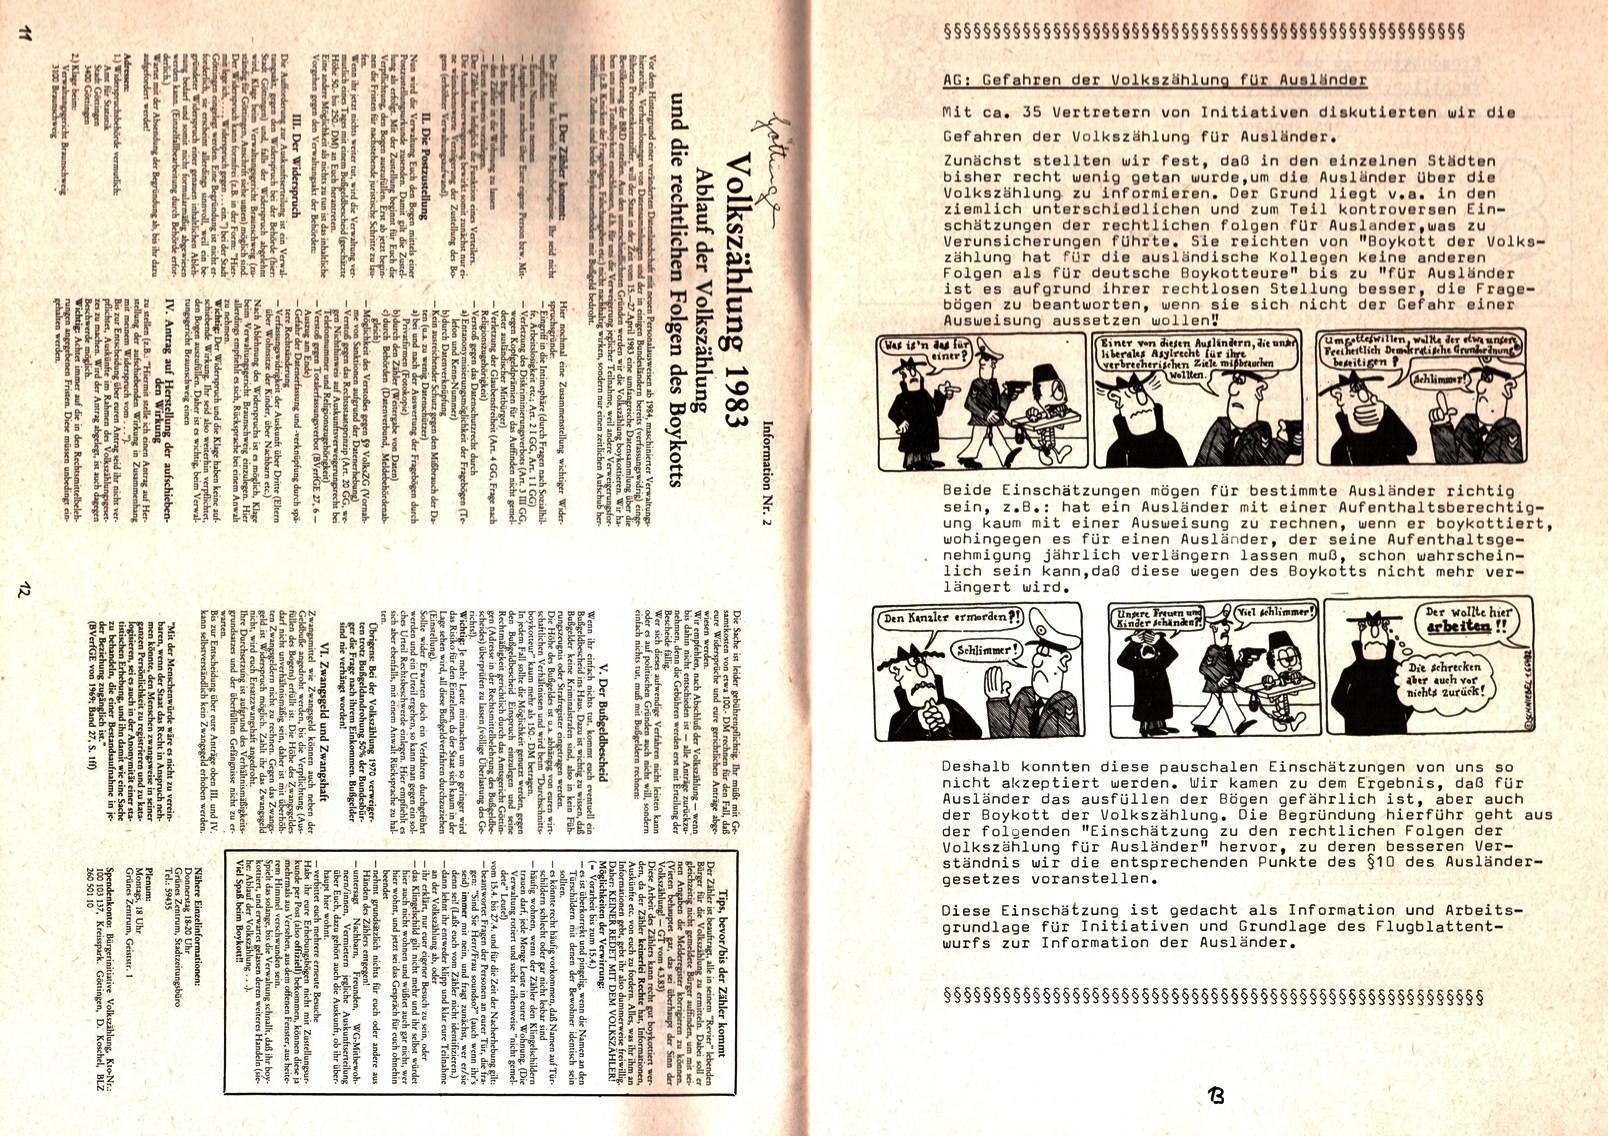 Bochum_1983_Volkszaehlungsboykotttreffen_006